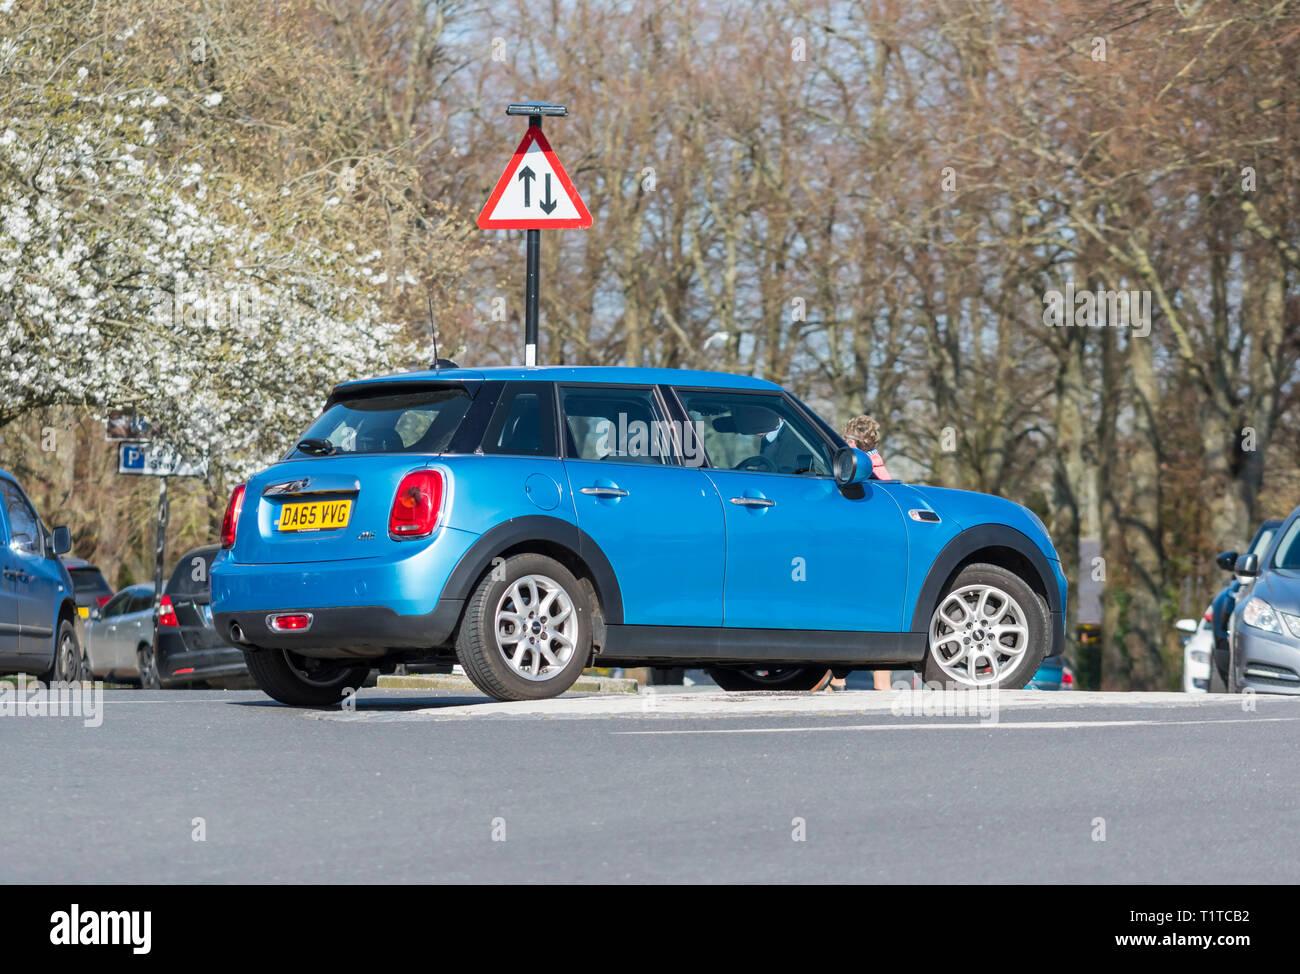 Bleu Métal Mini One voiture berline à partir de 2015 au Royaume-Uni. Photo Stock